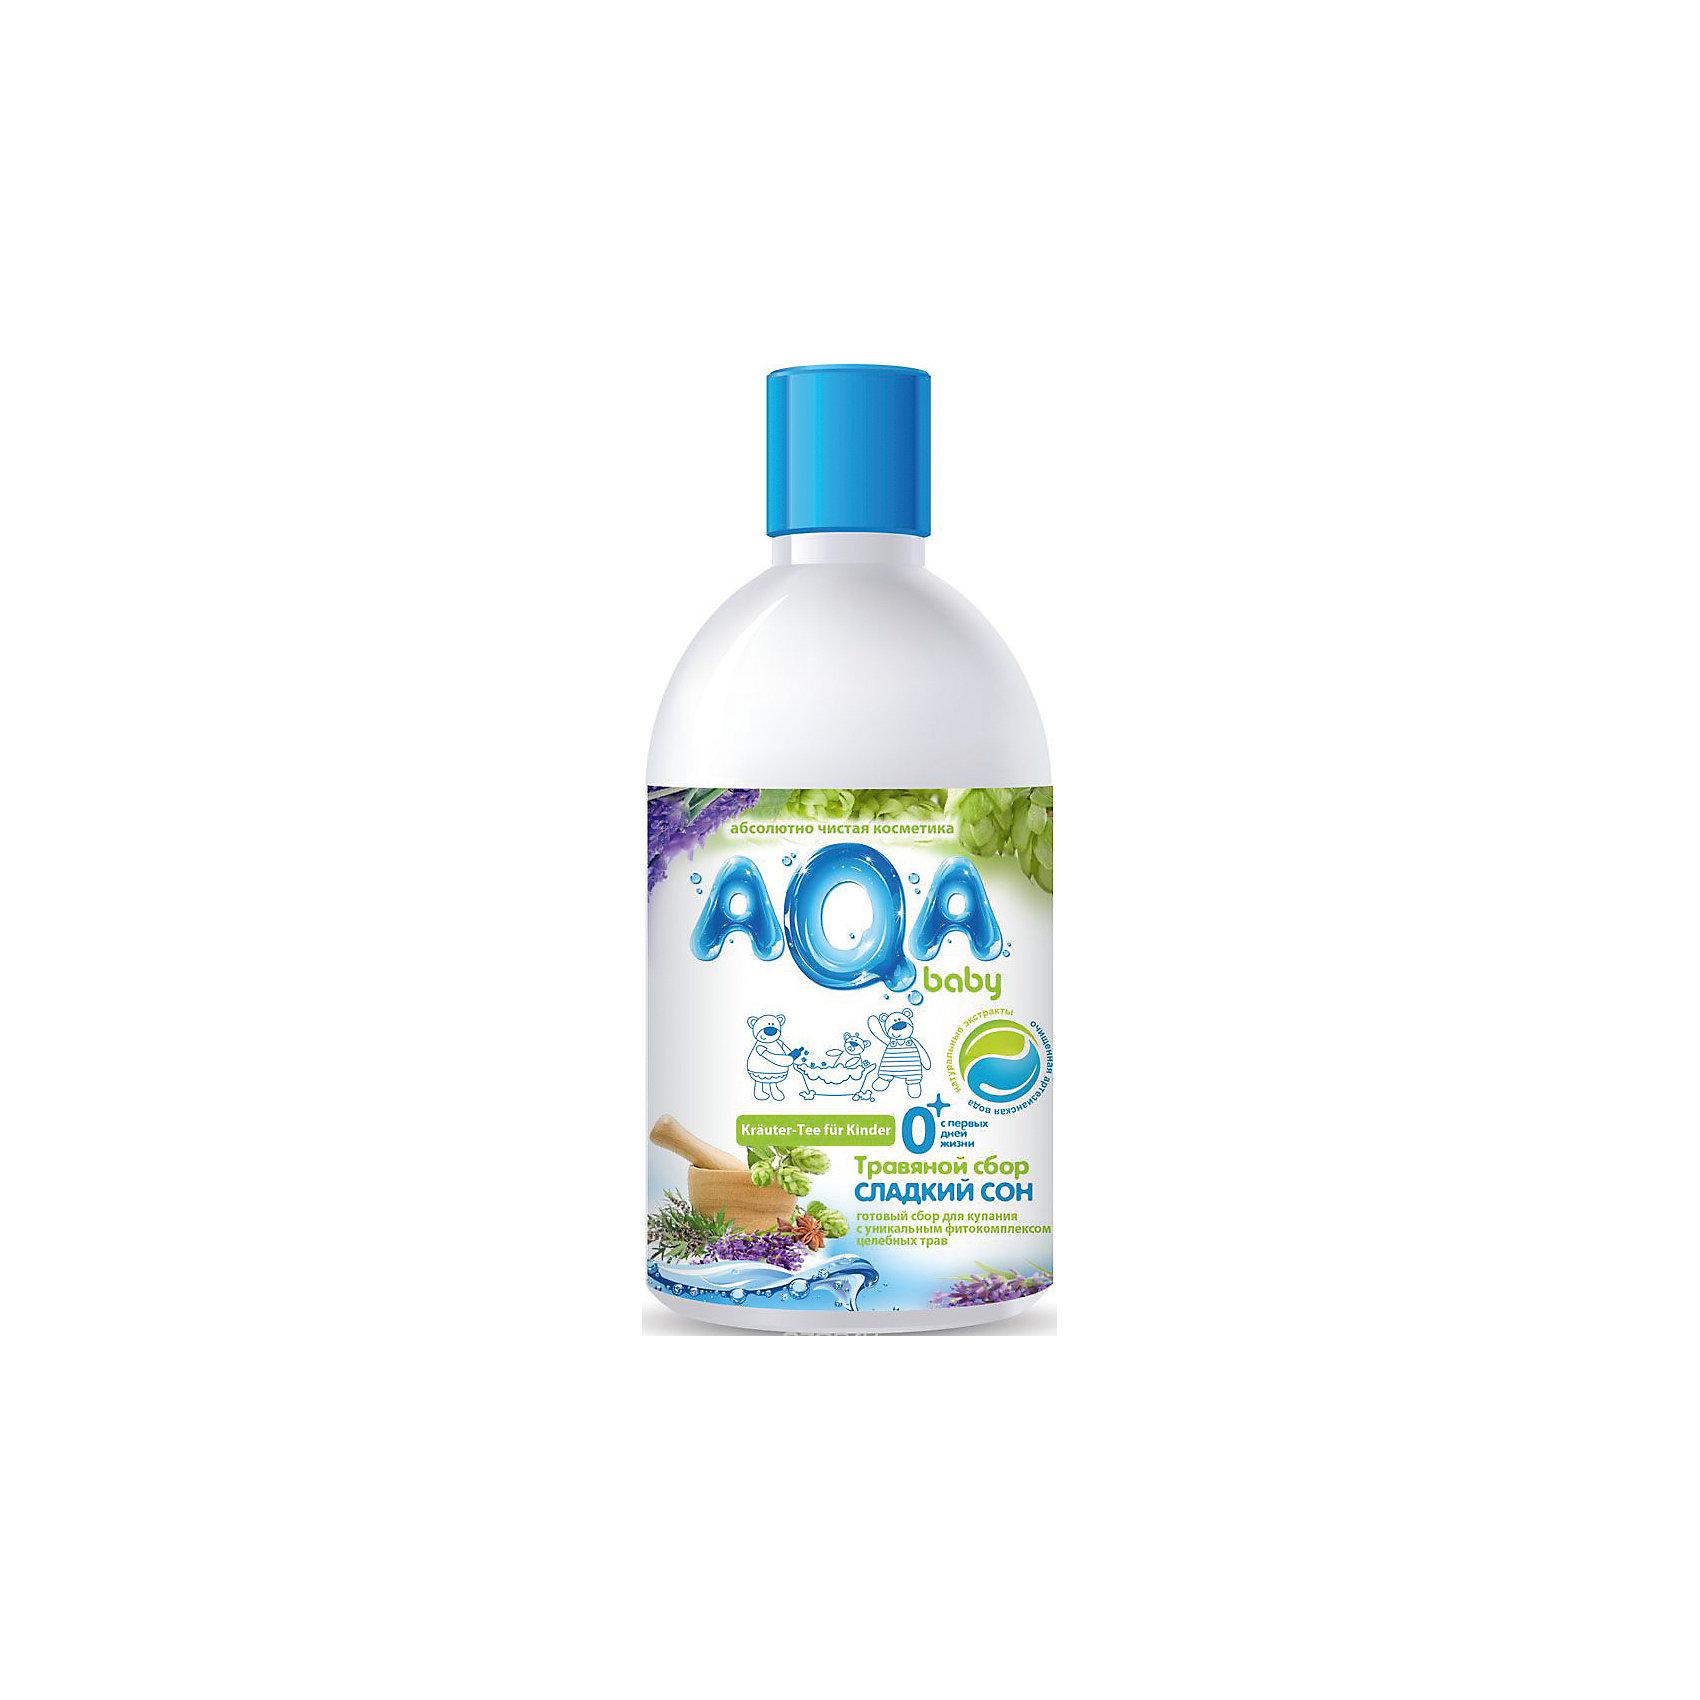 Травяной сбор для купания малышей Сладкий сон, AQA baby, 300 мл